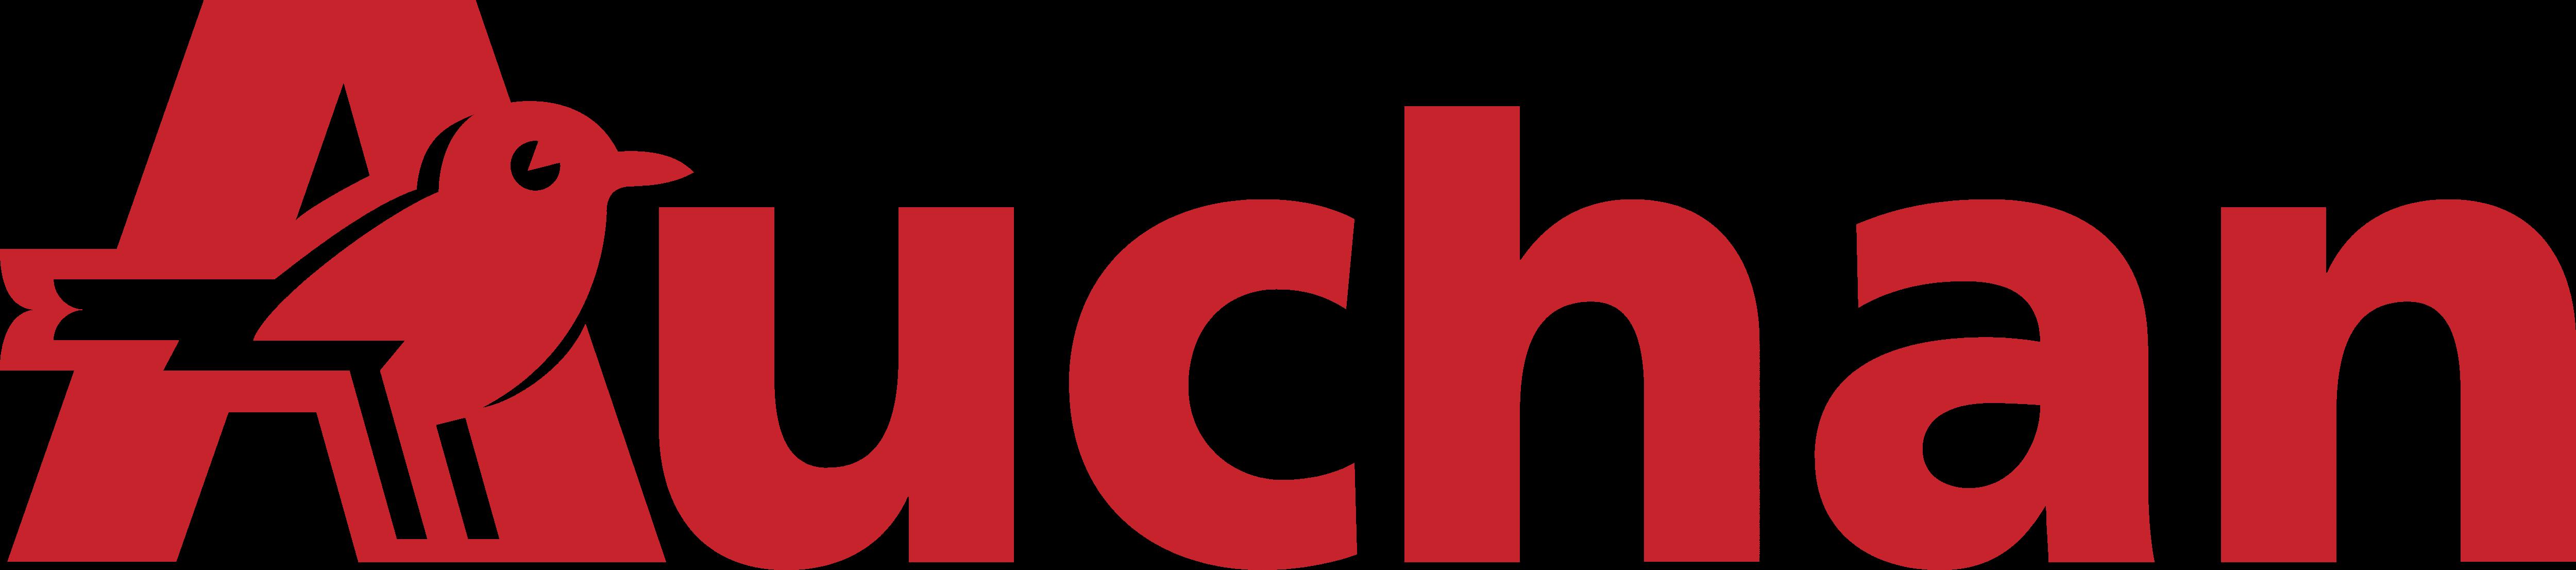 Auchan – Logos Download